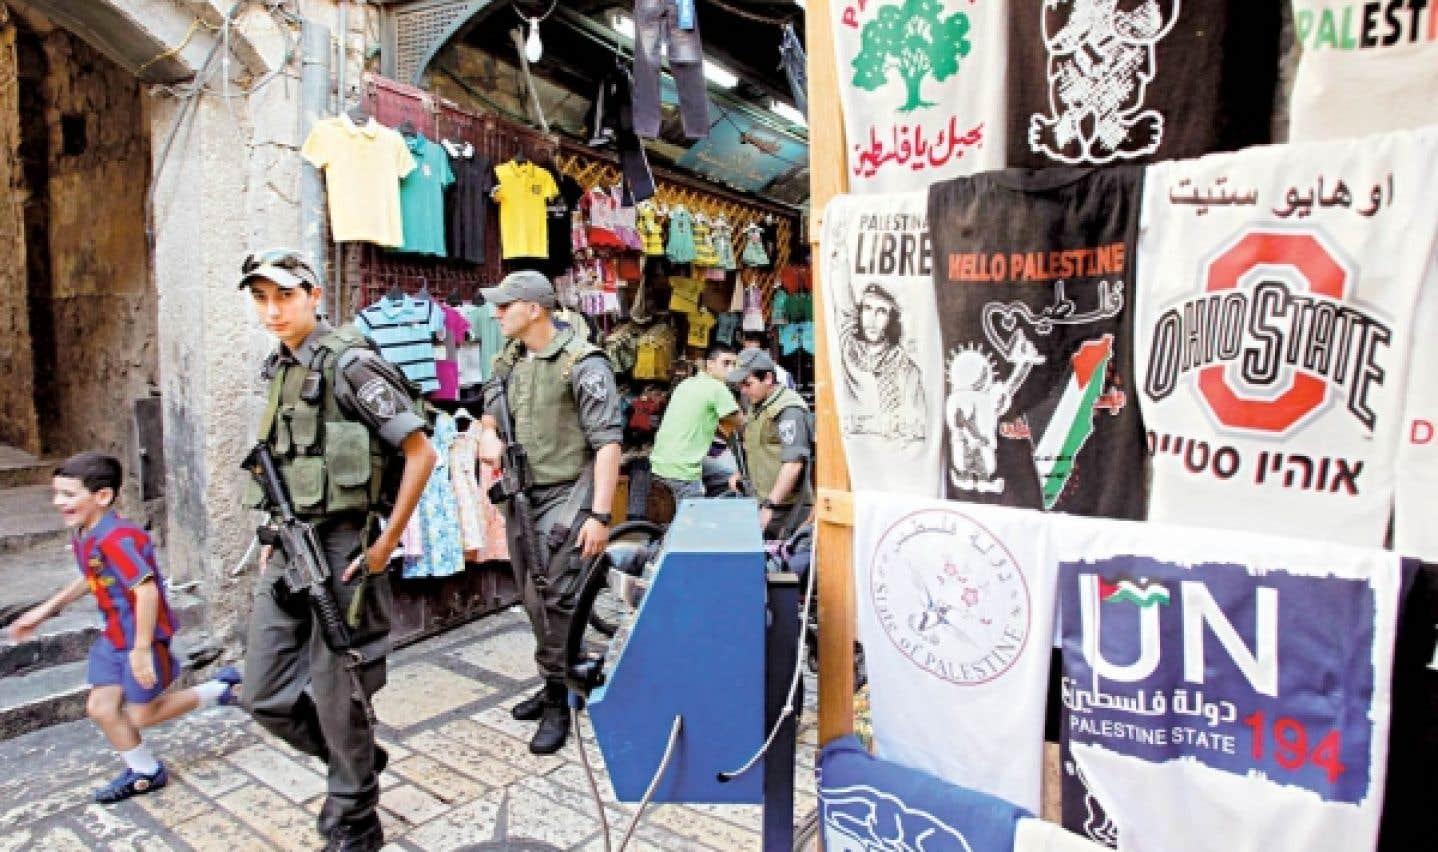 Demande d'adhésion d'un État palestinien vendredi - Abbas a déjà marqué de son empreinte l'assemblée générale de l'ONU